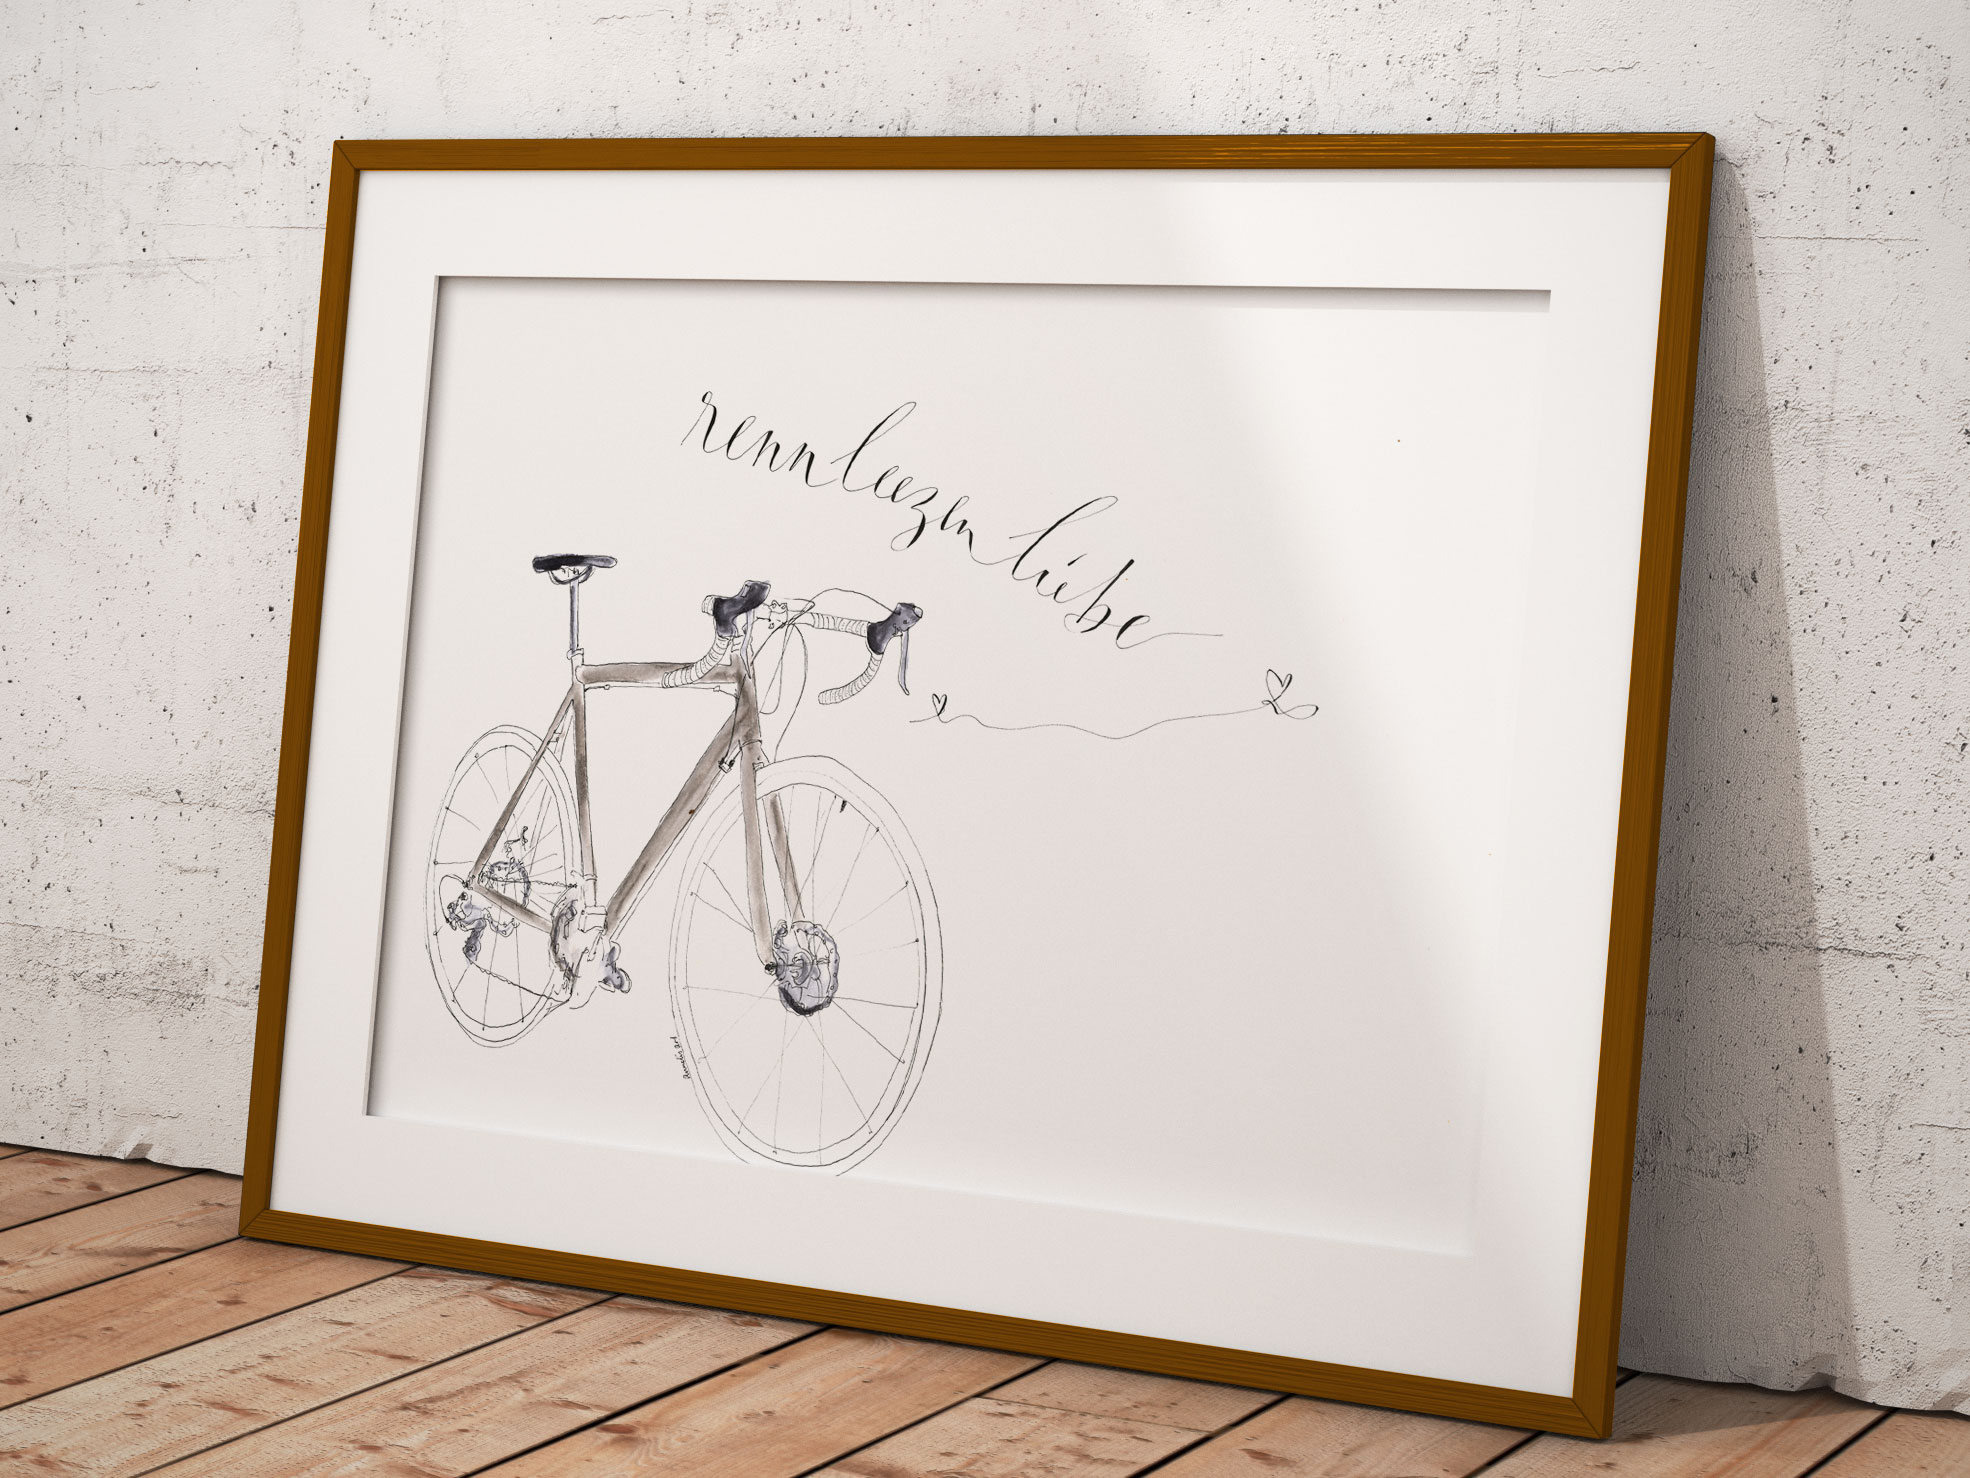 30x40 Wandbild - Rennleezenliebe - Graues Rennrad - Einzelstück